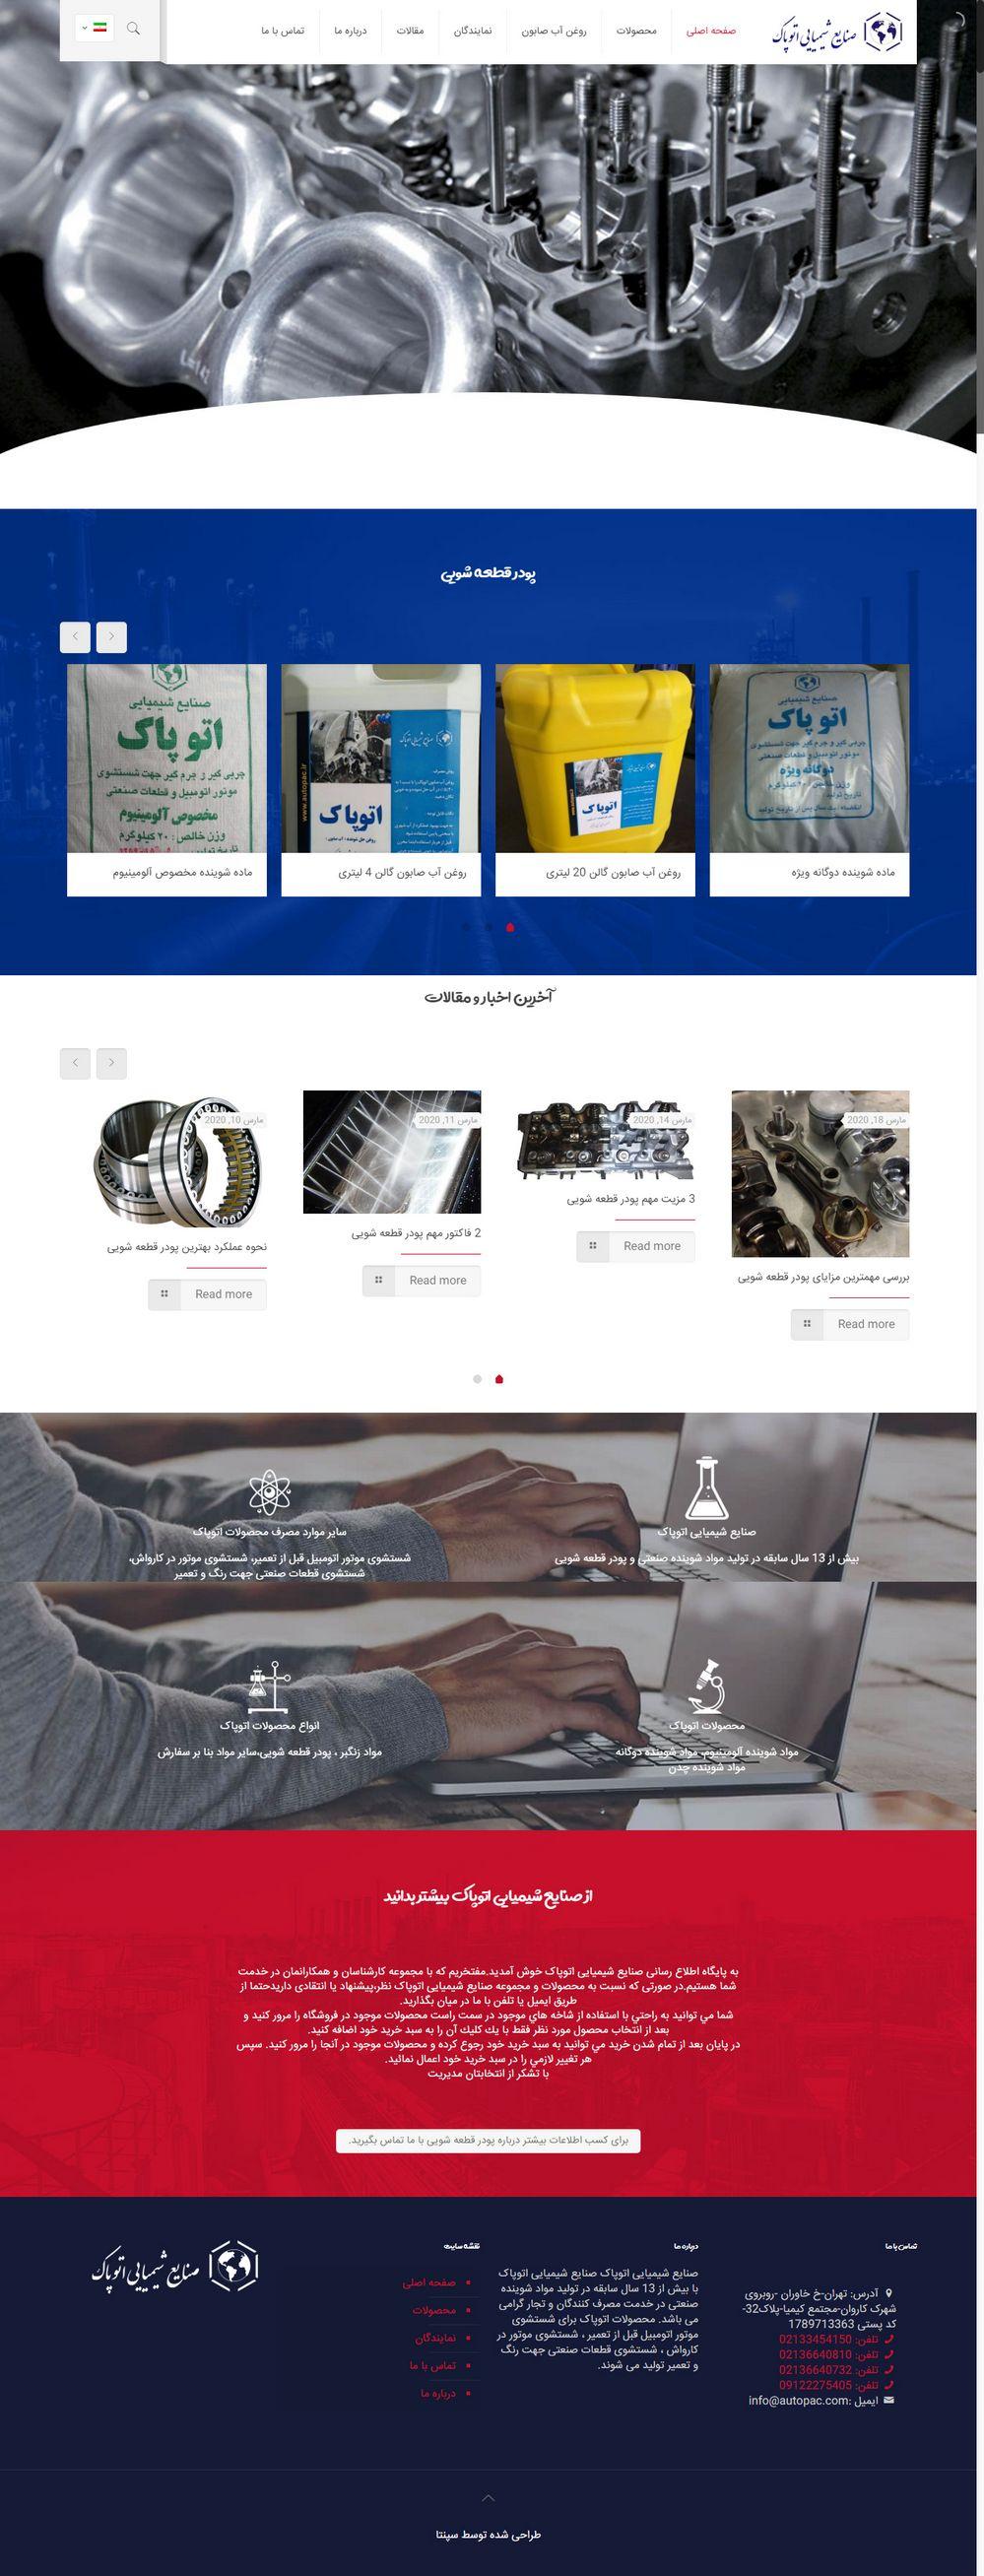 طراحی سایت شرکت اتوپاک